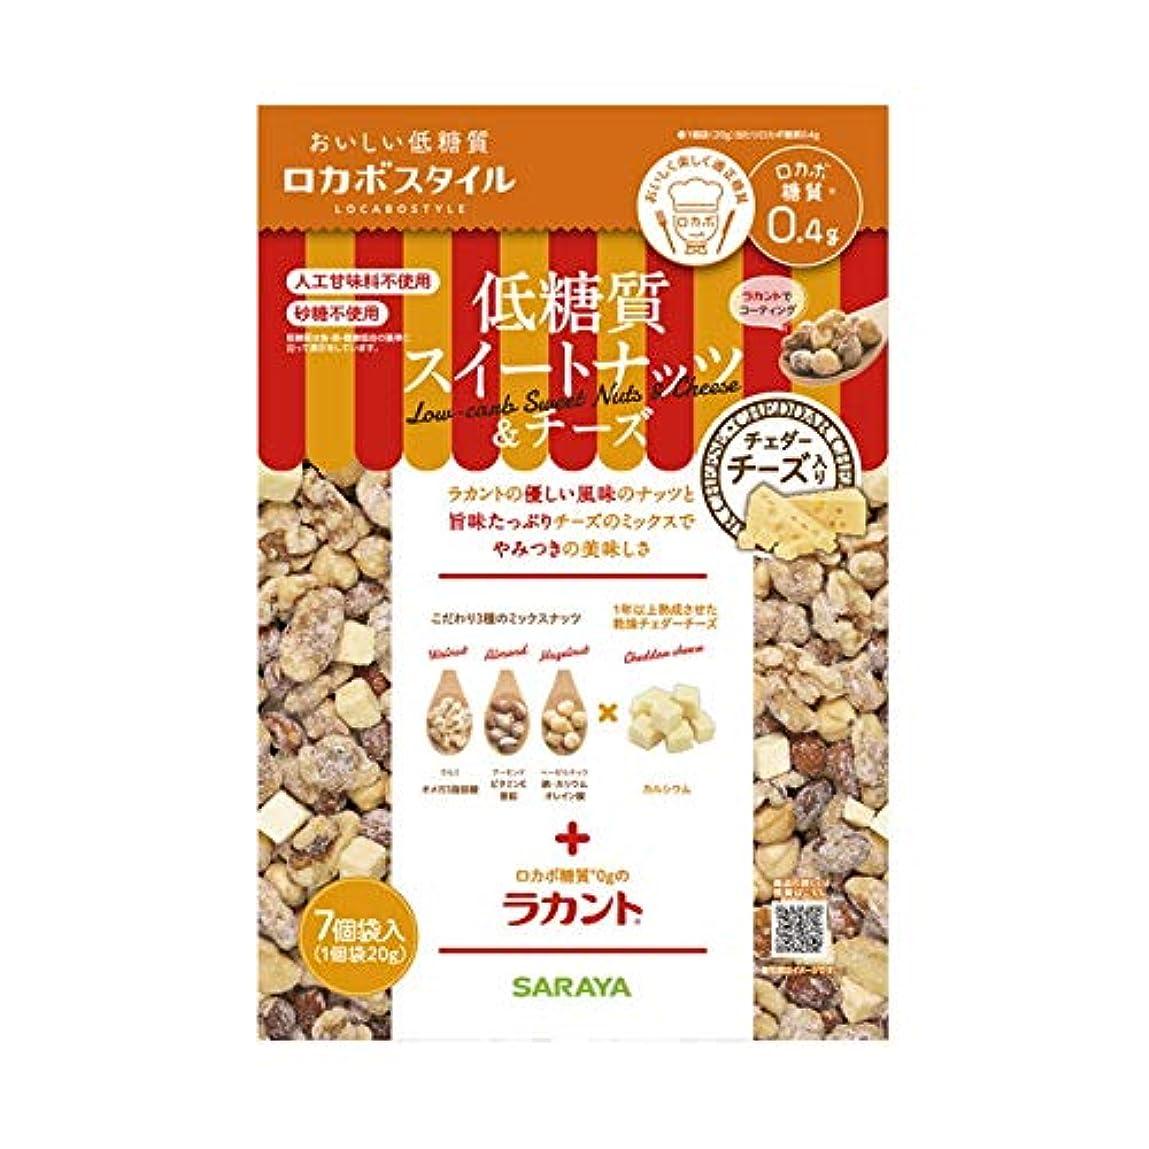 泣く幸運情報◆サラヤ ロカボスタイル低糖質スイートナッツ&チーズ 20g×7袋入り